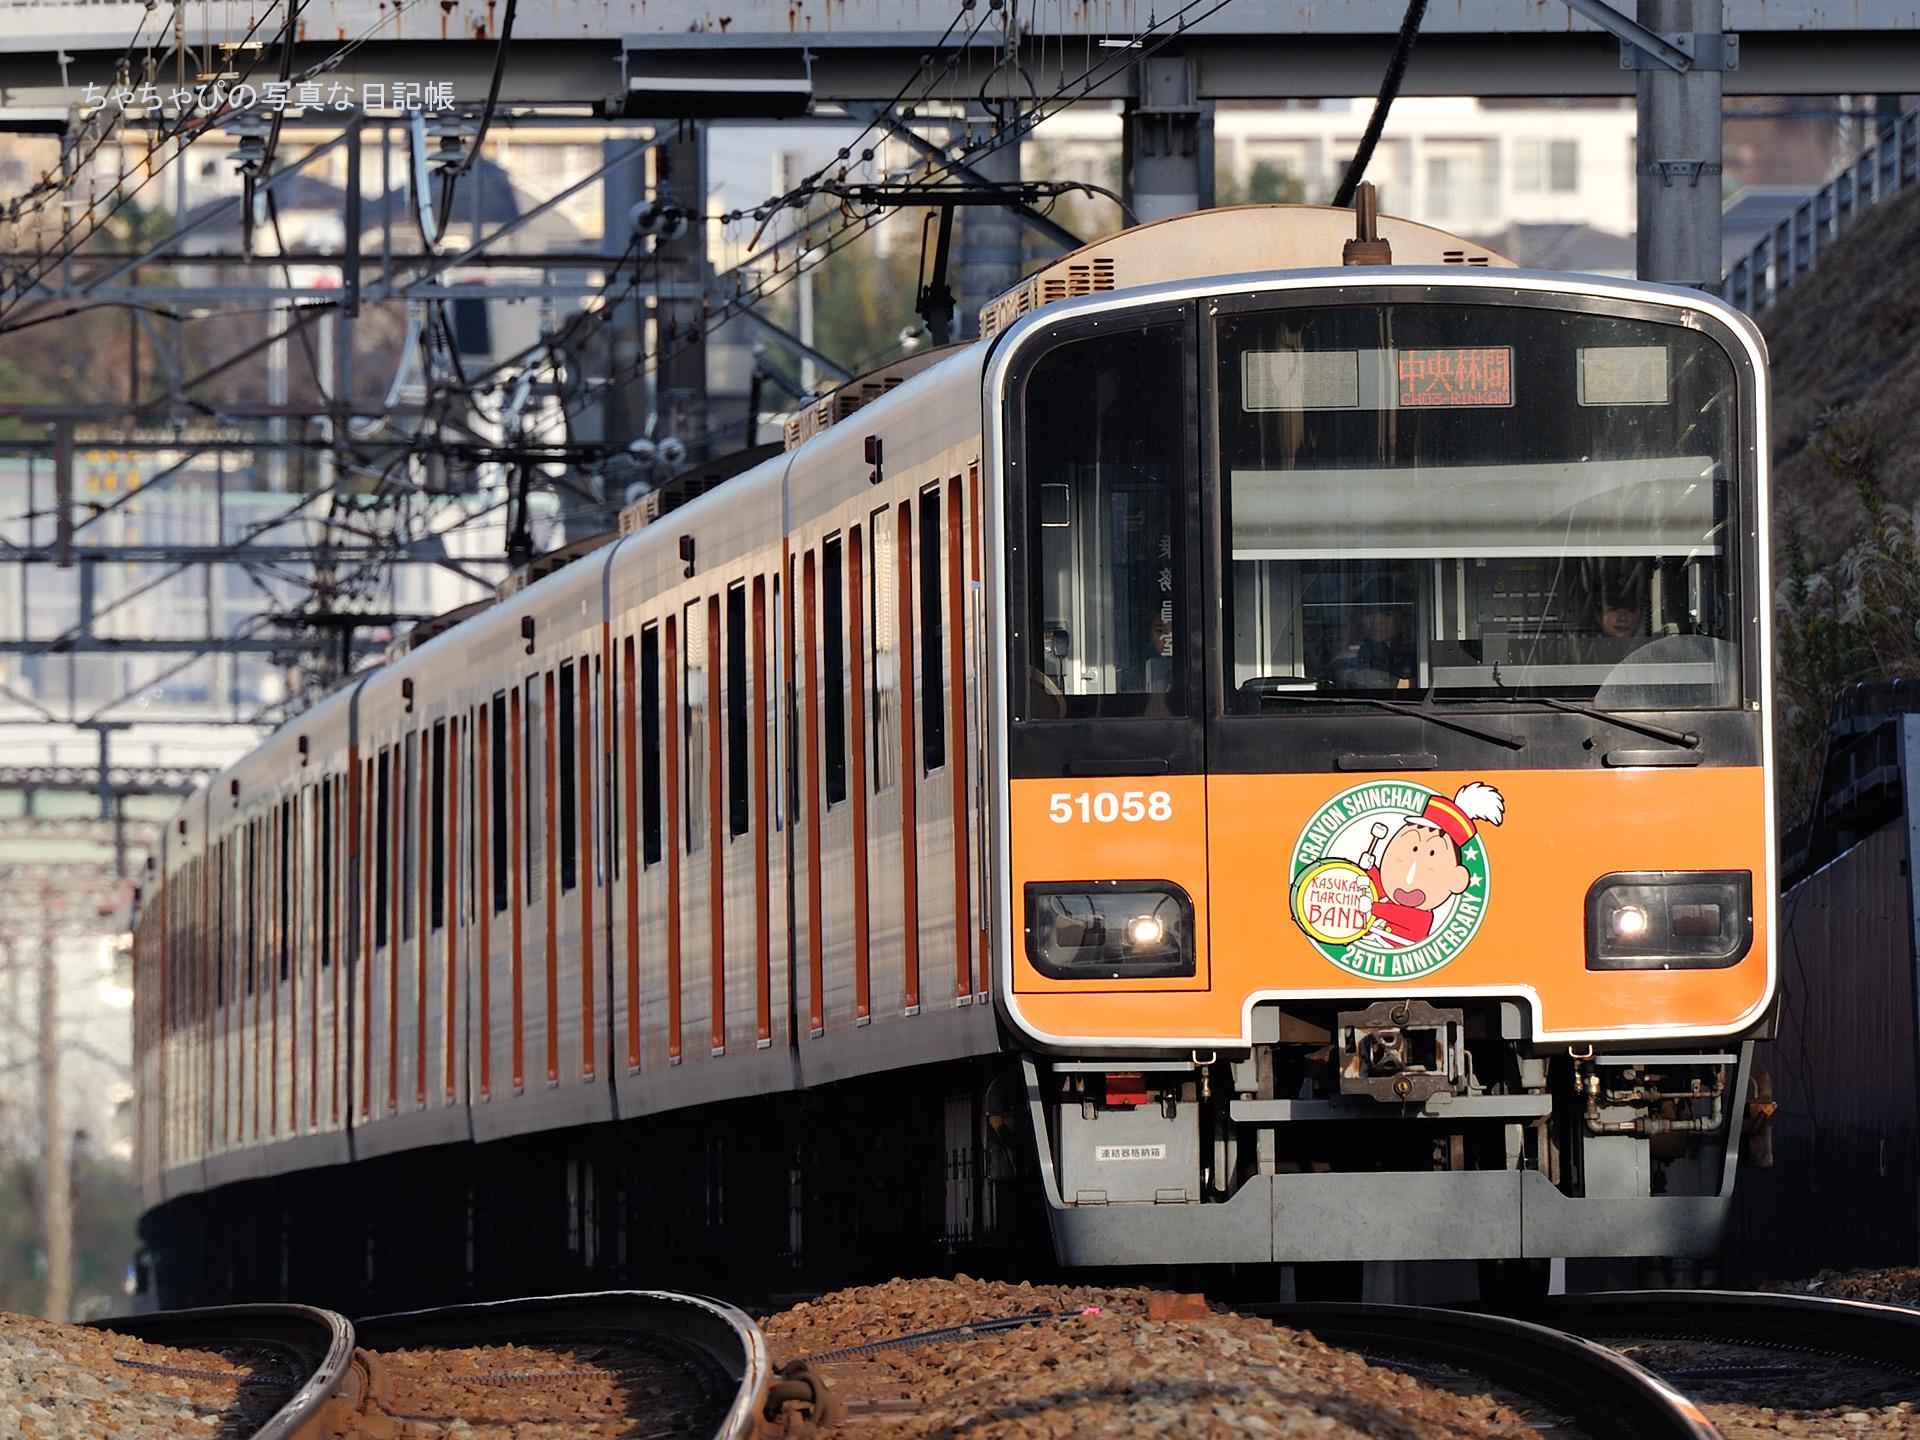 東急田園都市線 藤が丘駅 50050系 -80ゥ 51058編成-